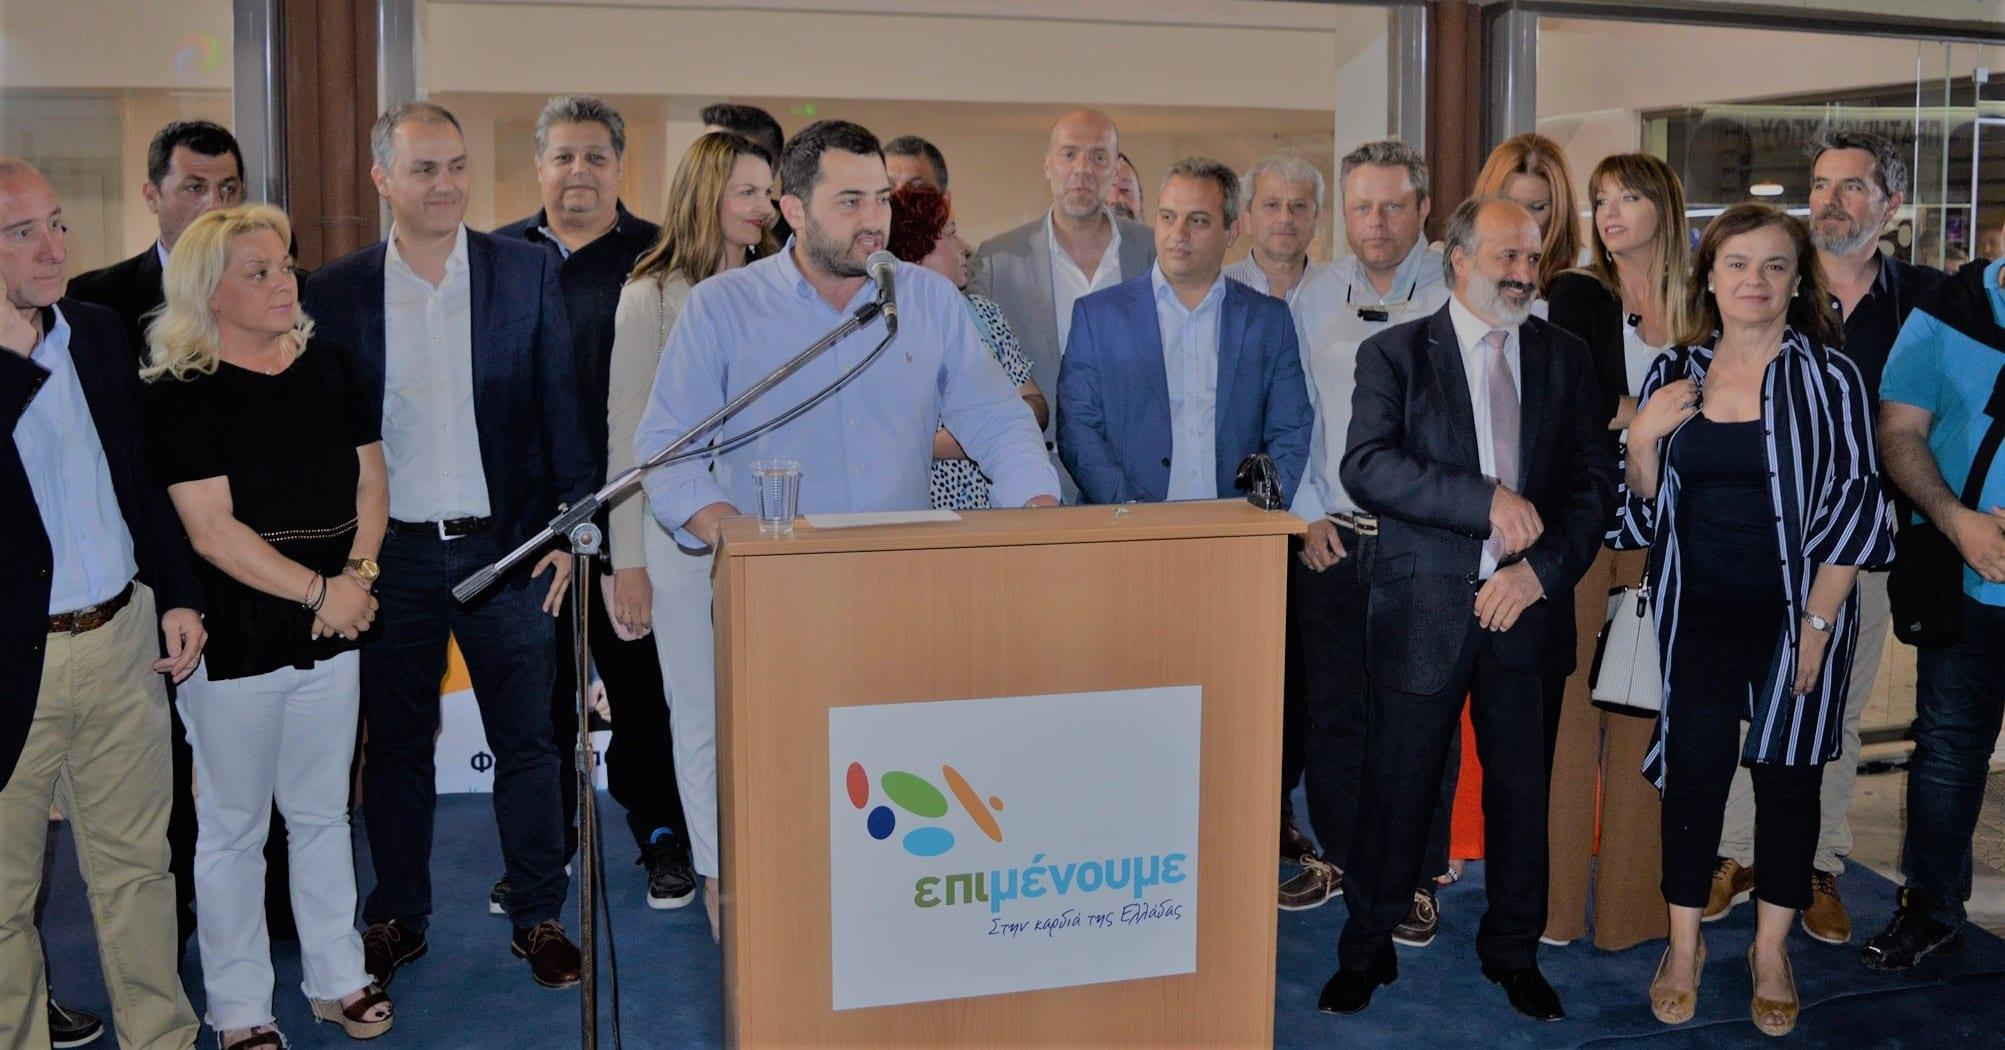 , Η Χαλκίδα τιμά το Φάνη Σπανό!, Eviathema.gr | ΕΥΒΟΙΑ ΝΕΑ - Νέα και ειδήσεις από όλη την Εύβοια